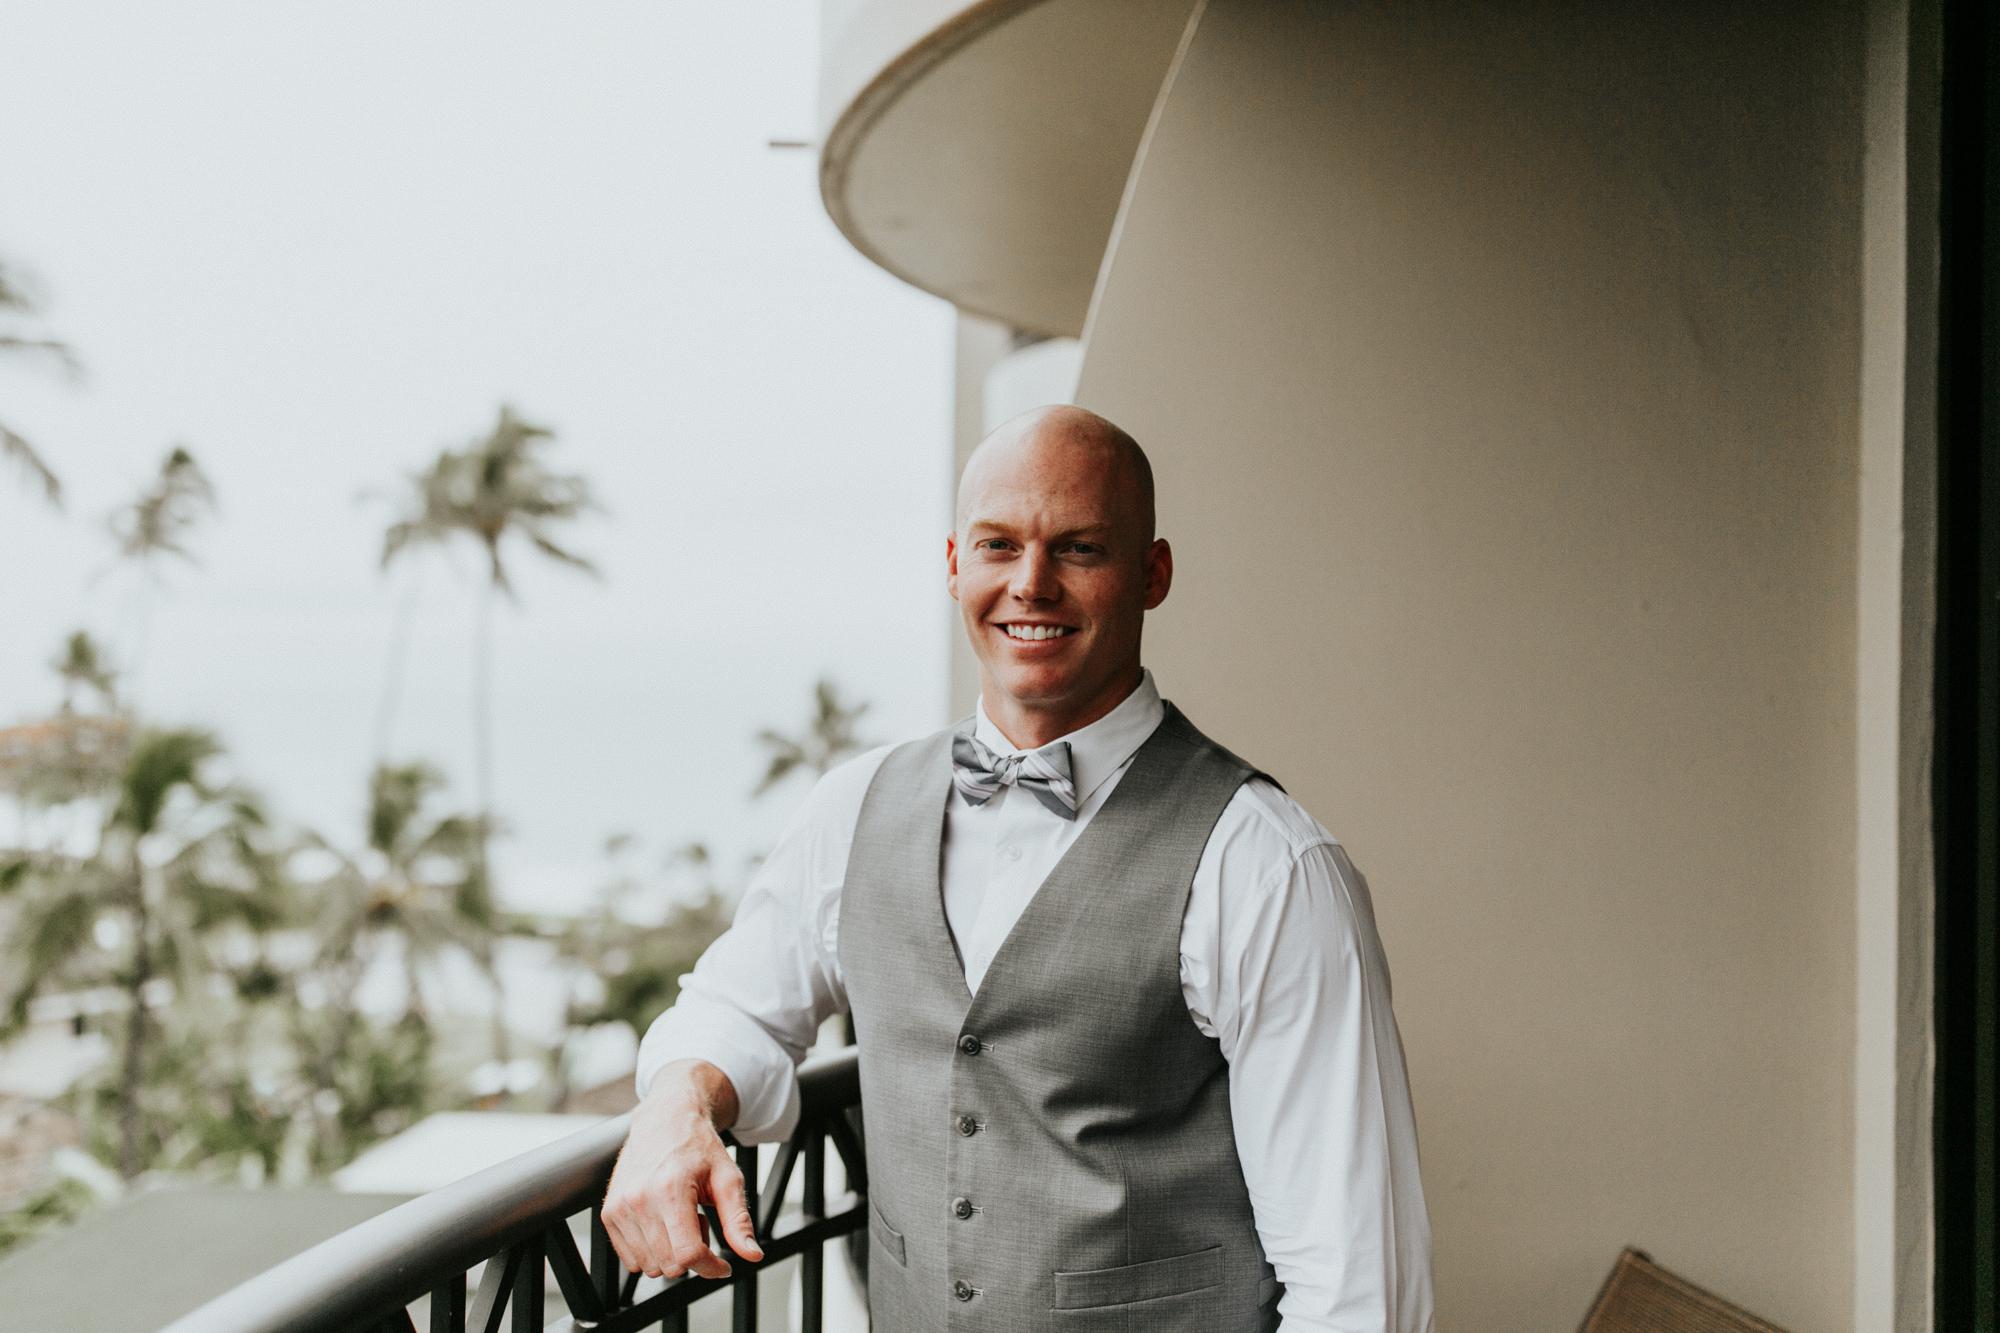 destination-wedding-photographer-hawaii-maui-elopement-22.jpg